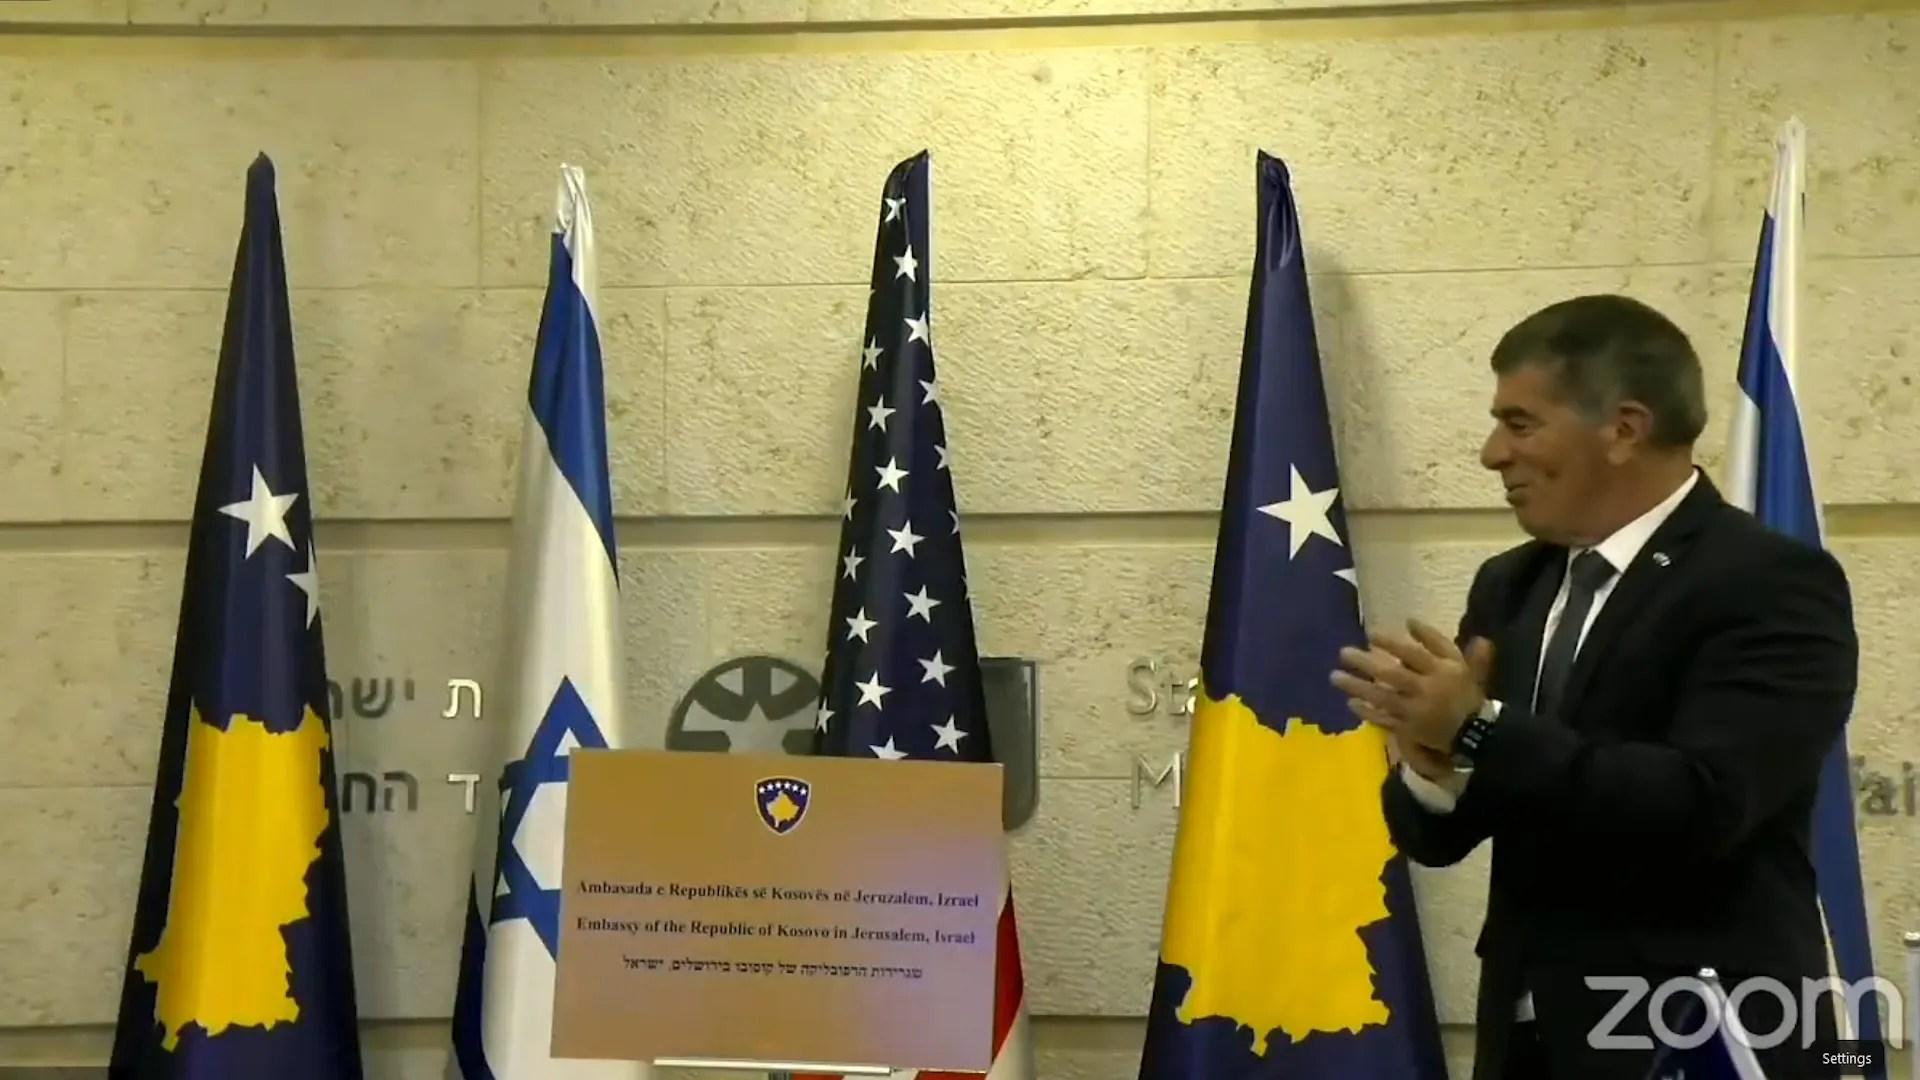 Палестина затражила од исламских земаља да прекину сарадњу са Косовом